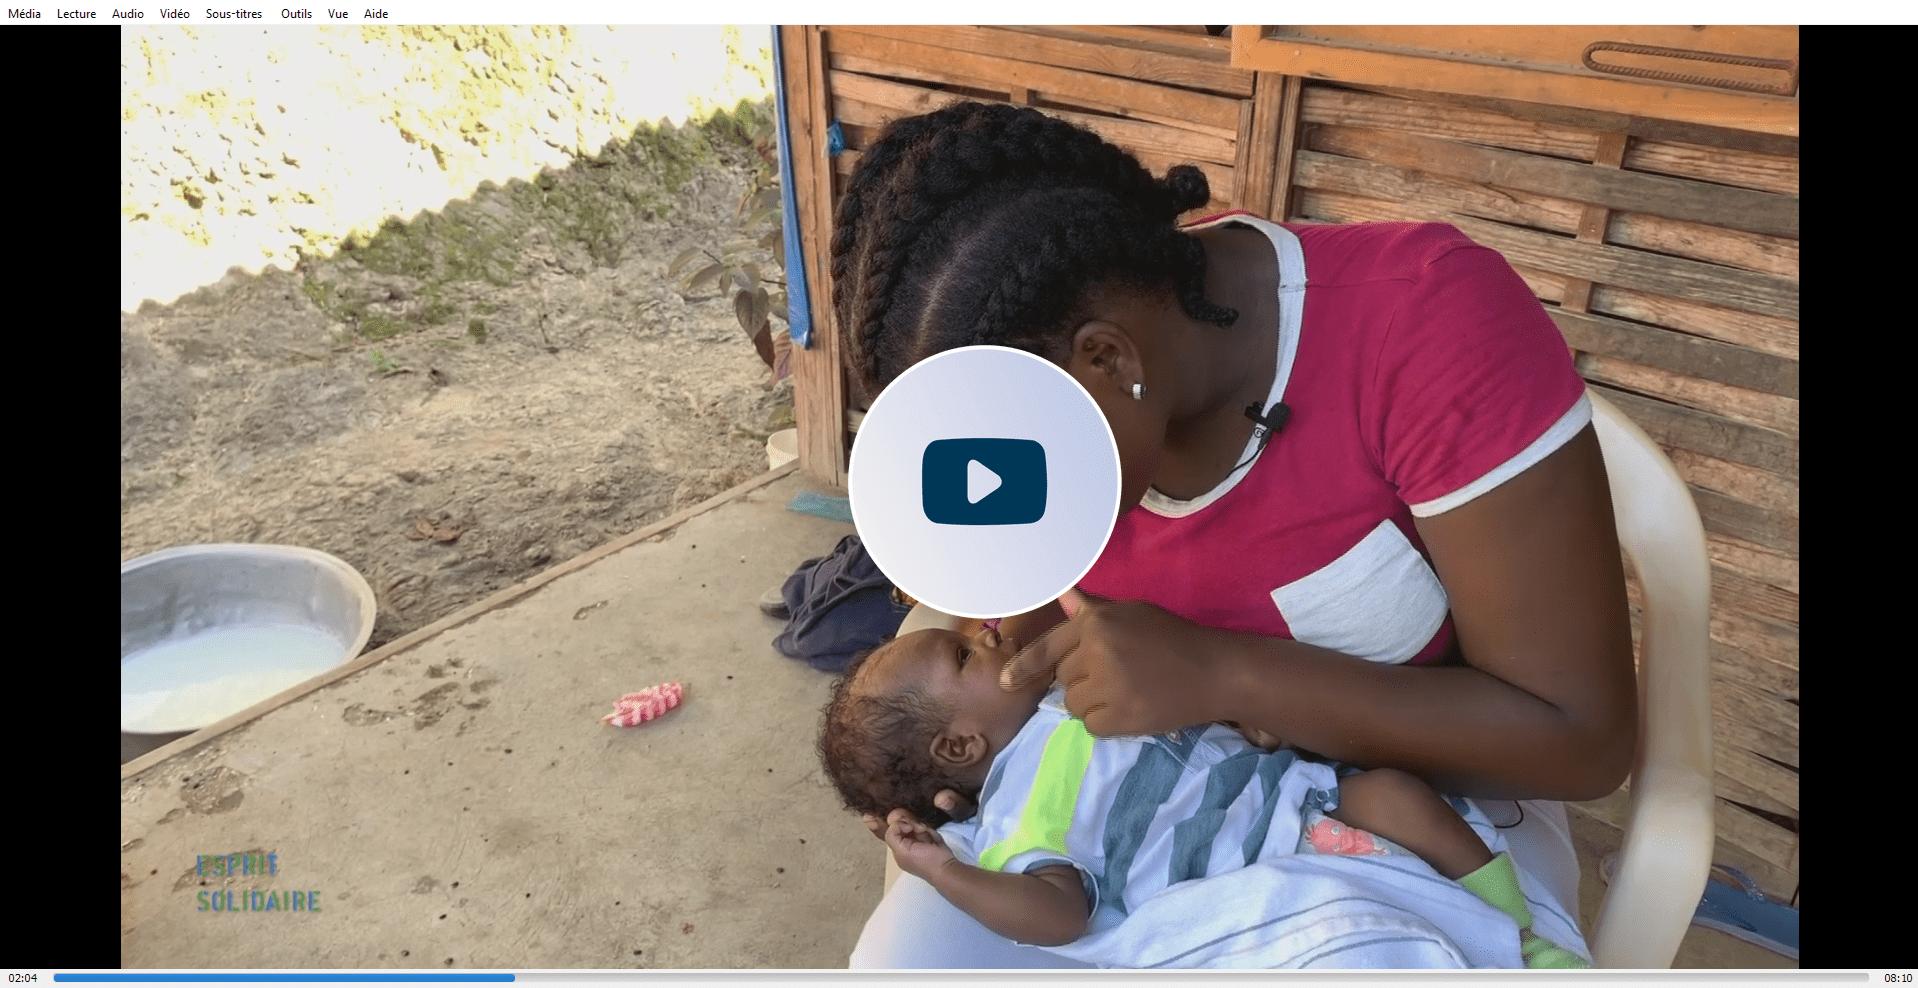 Projet de santé d'Enfants du Monde en faveur des femmes enceintes et mères en Haïti.